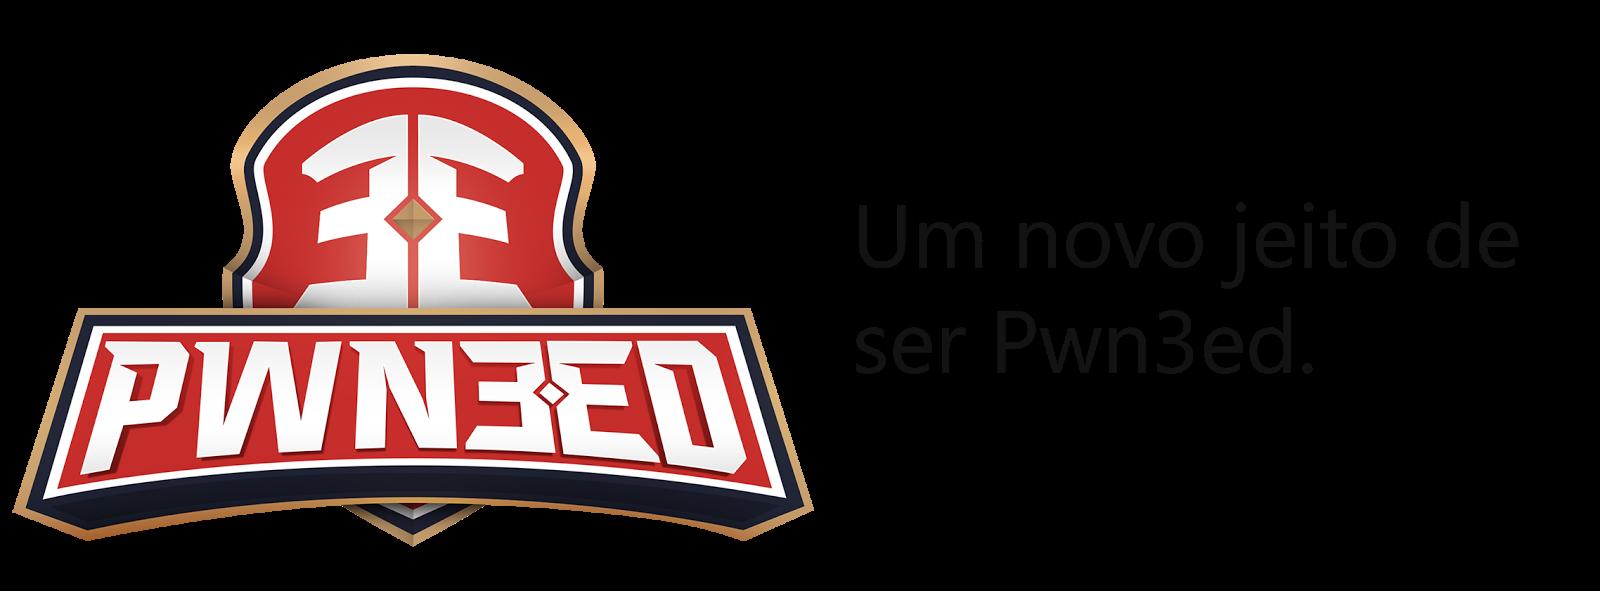 Pwn3ed